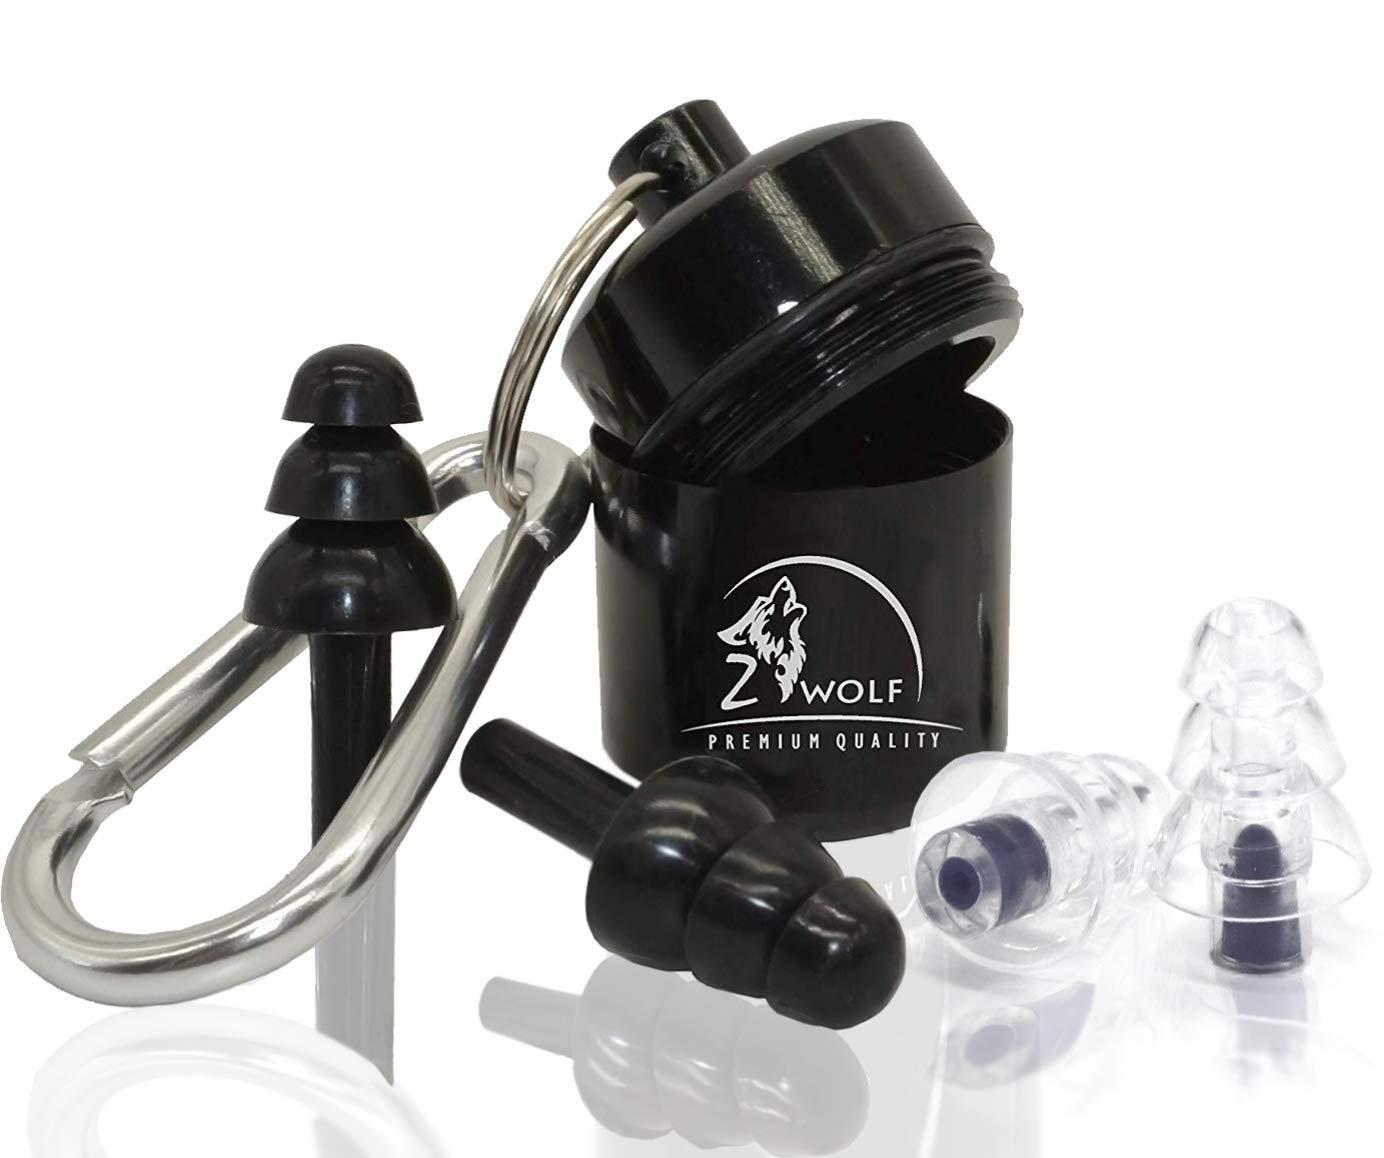 Zwolf Ear Plugs Noise Reducing Set Reusable Earplugs Sleeping and Other Activities (Black)